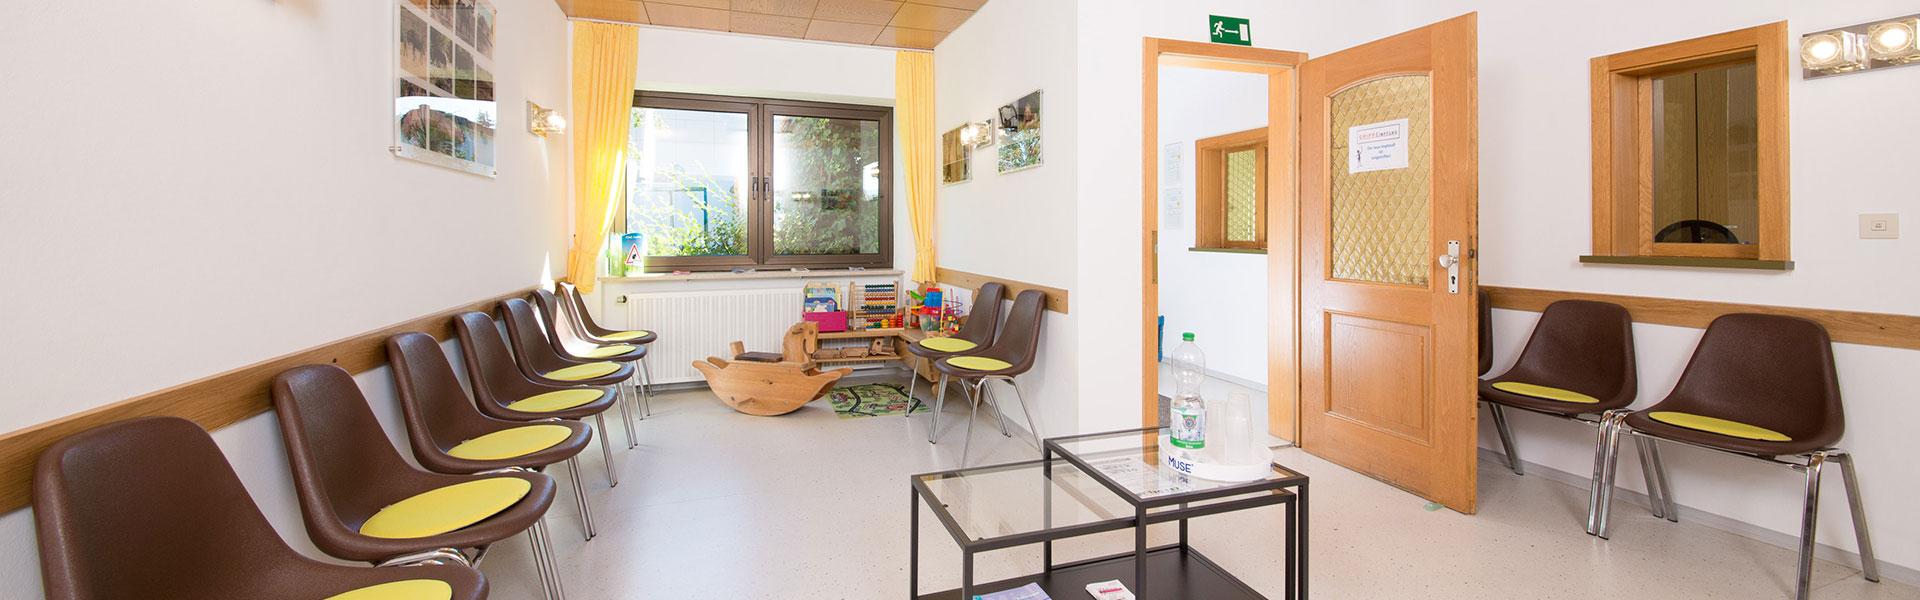 Allgemeinarzt in Dingolfing